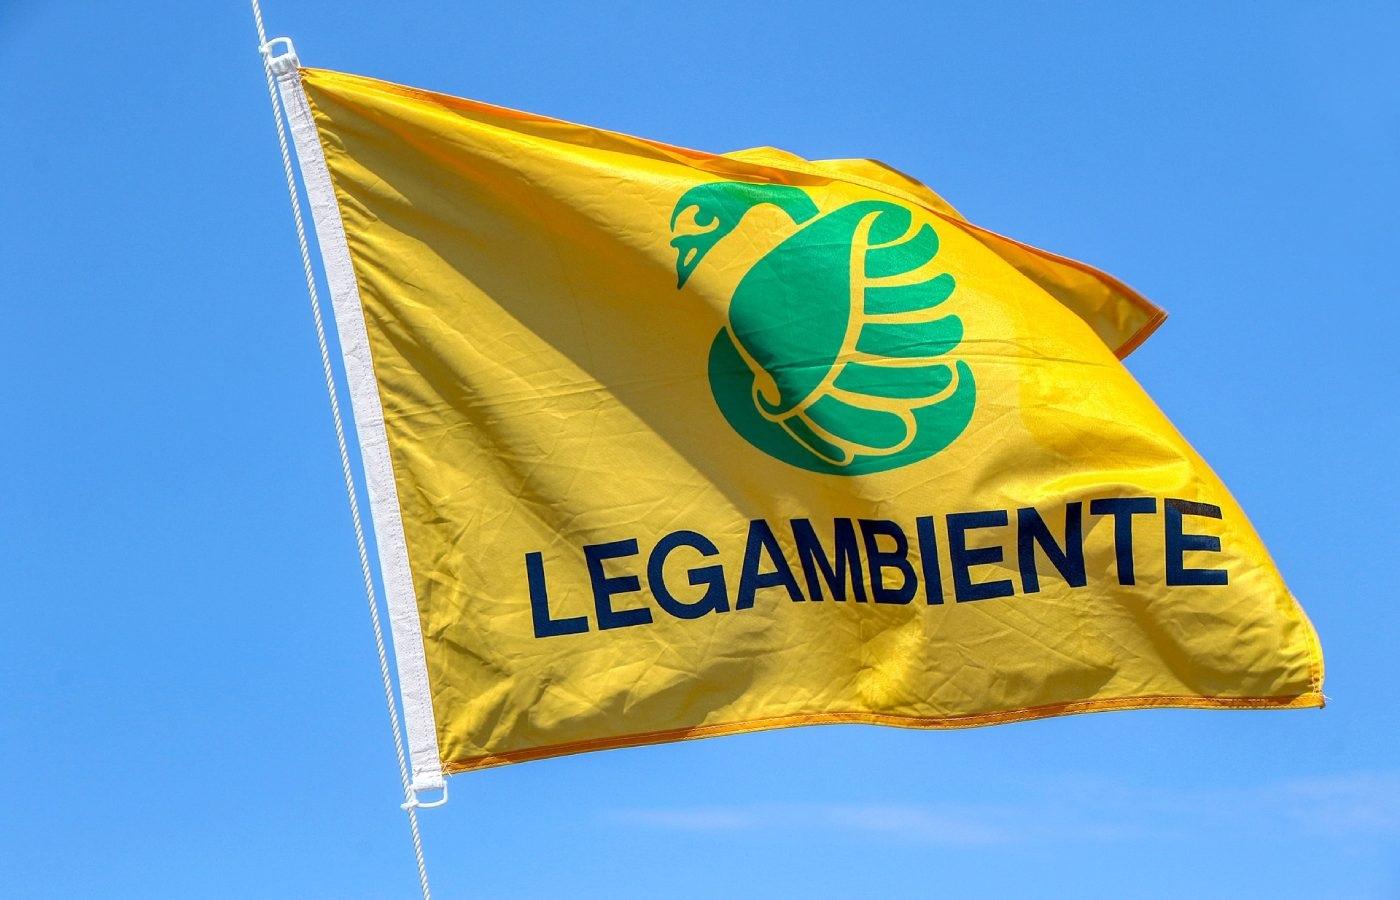 Legambiente flag